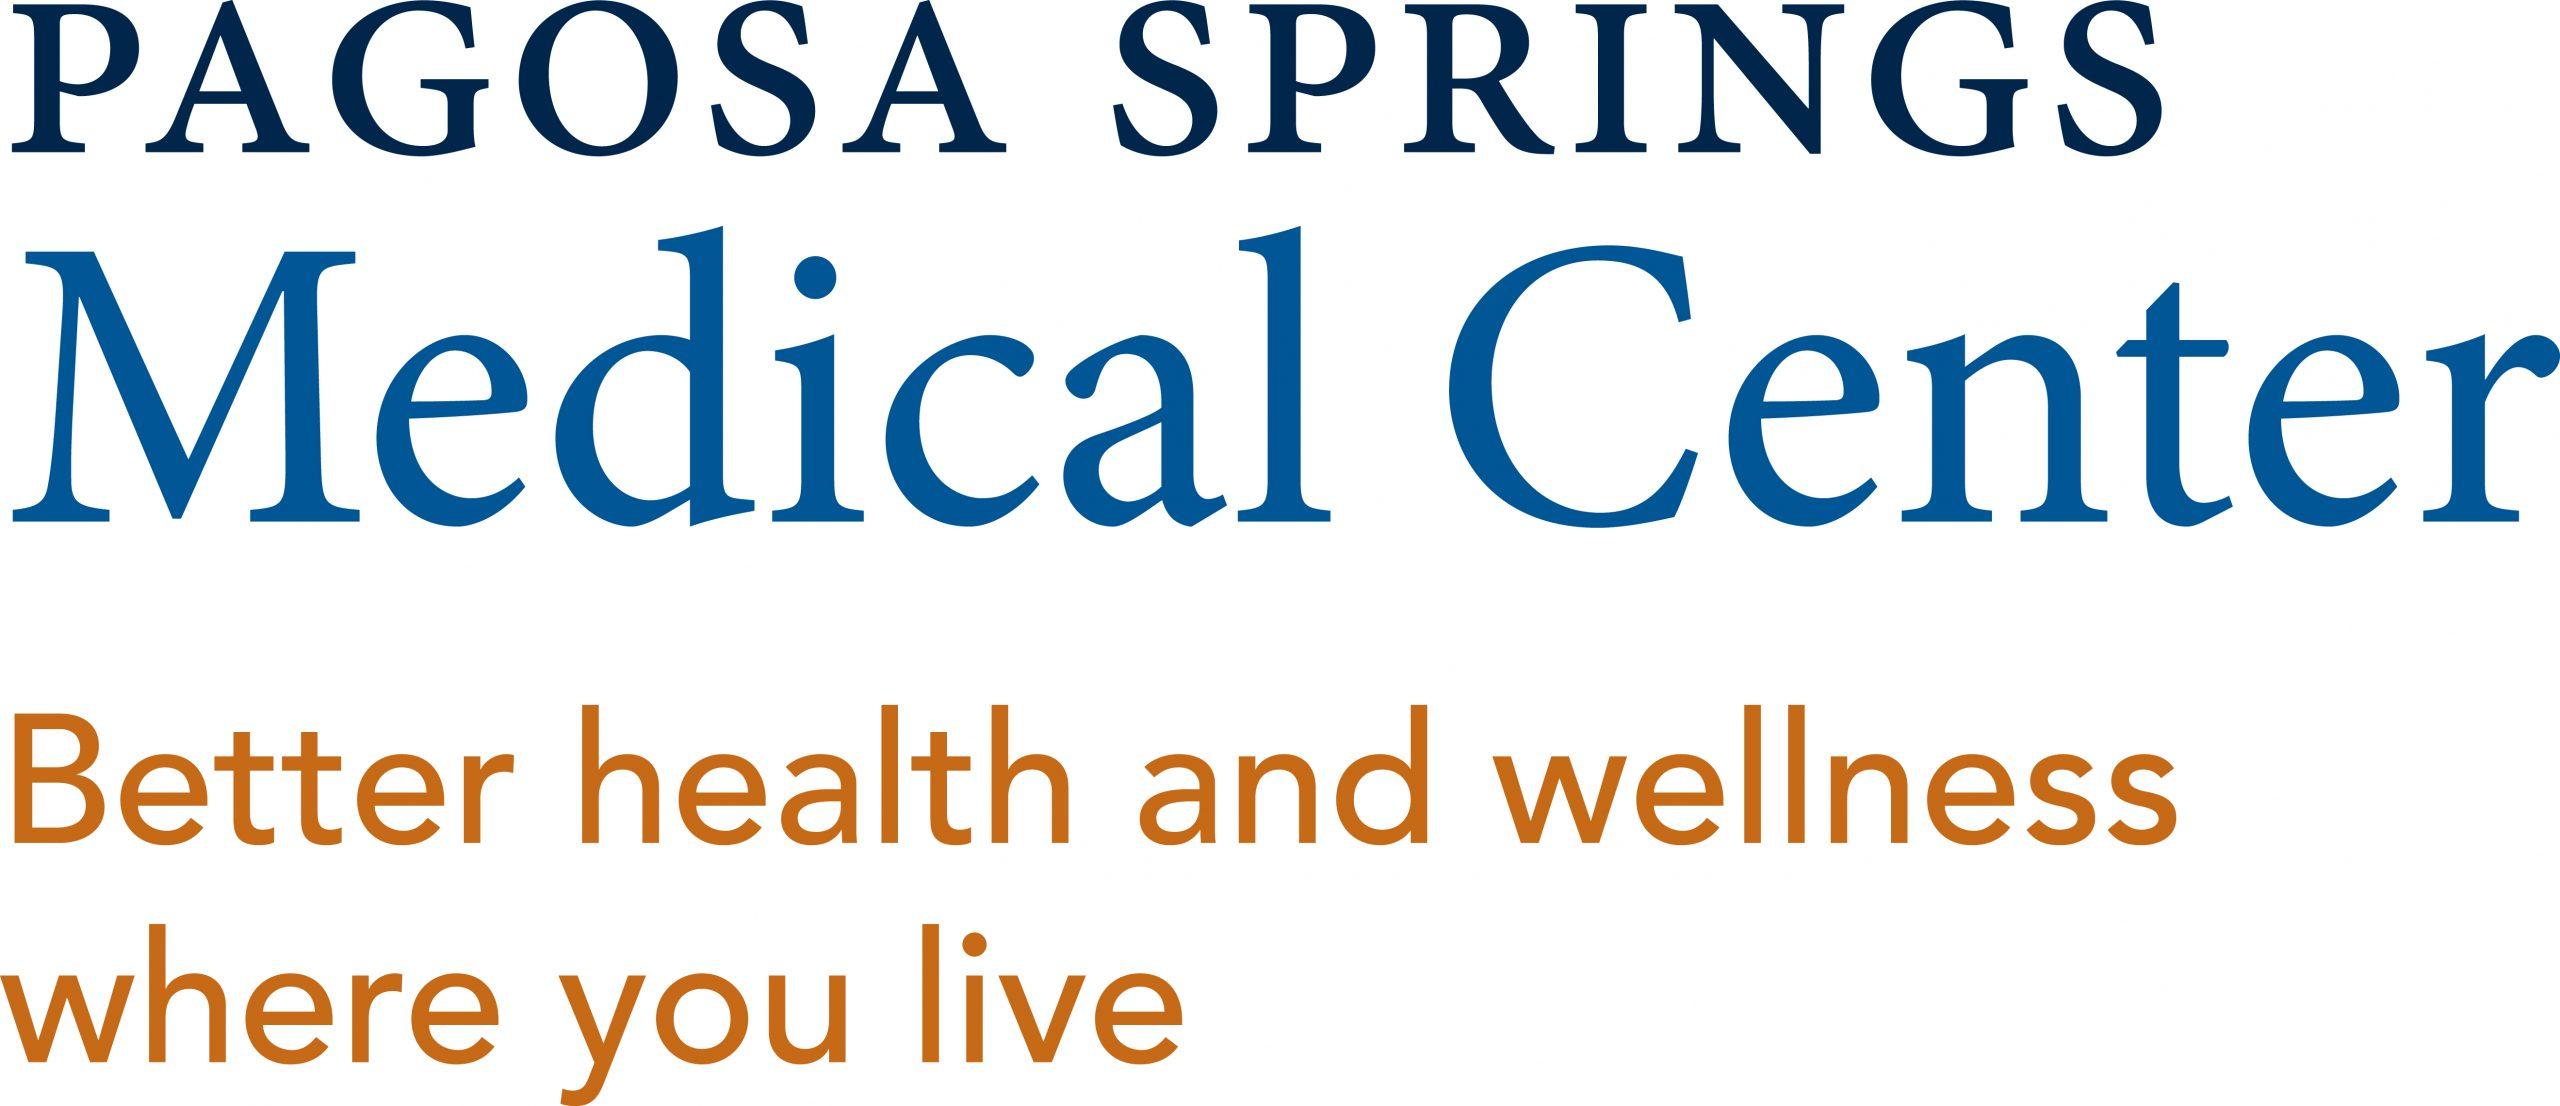 Pagosa_Springs_Medical_Center_Logo_portfolio